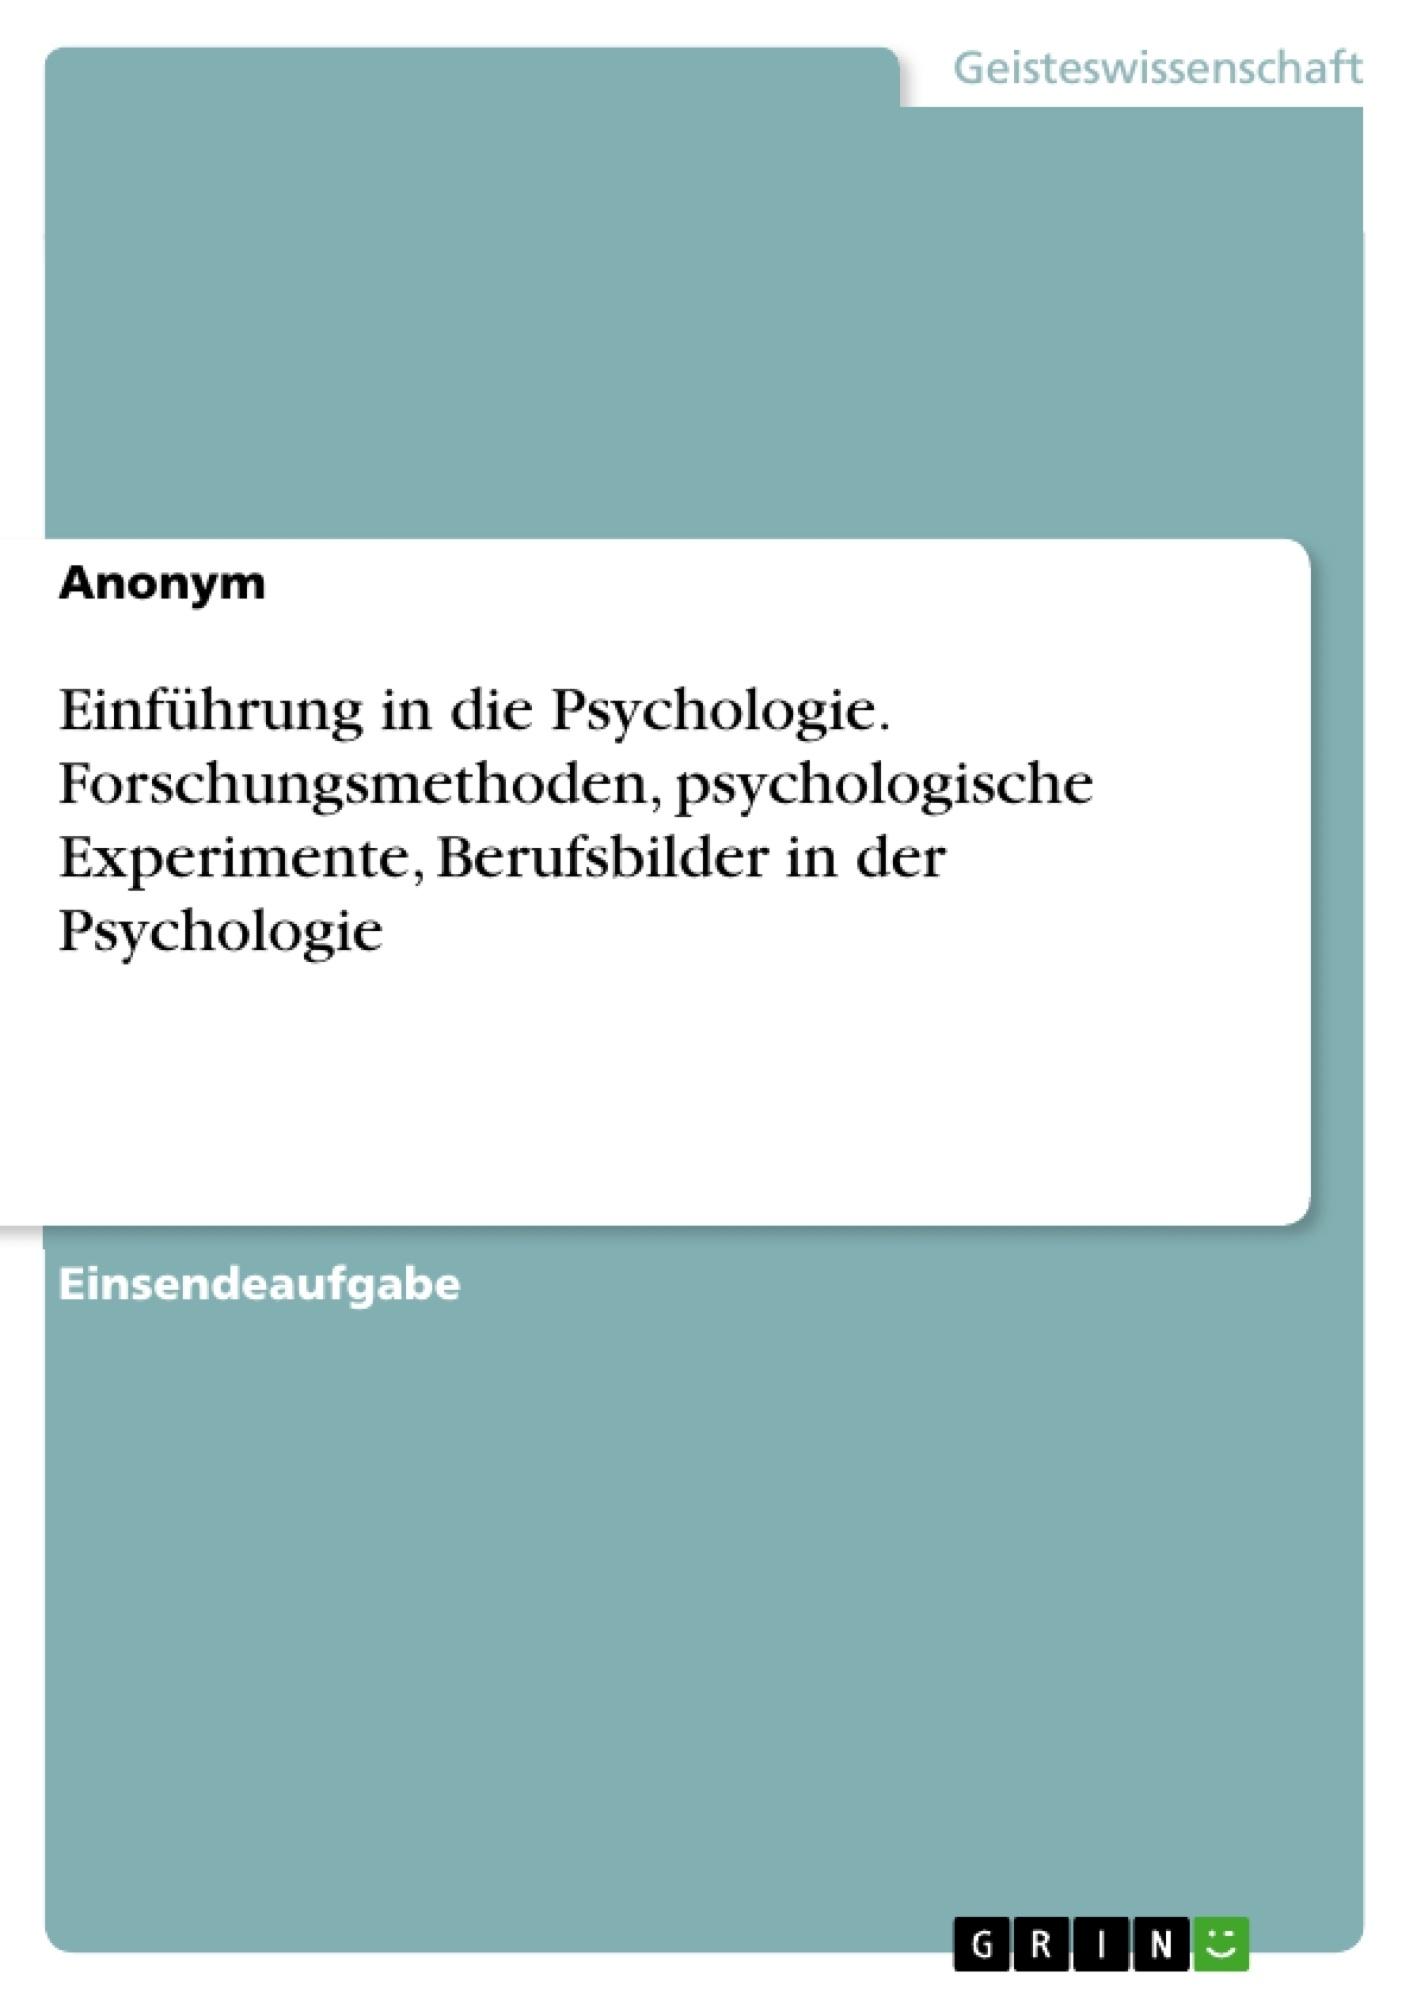 Titel: Einführung in die Psychologie. Forschungsmethoden, psychologische Experimente, Berufsbilder in der Psychologie